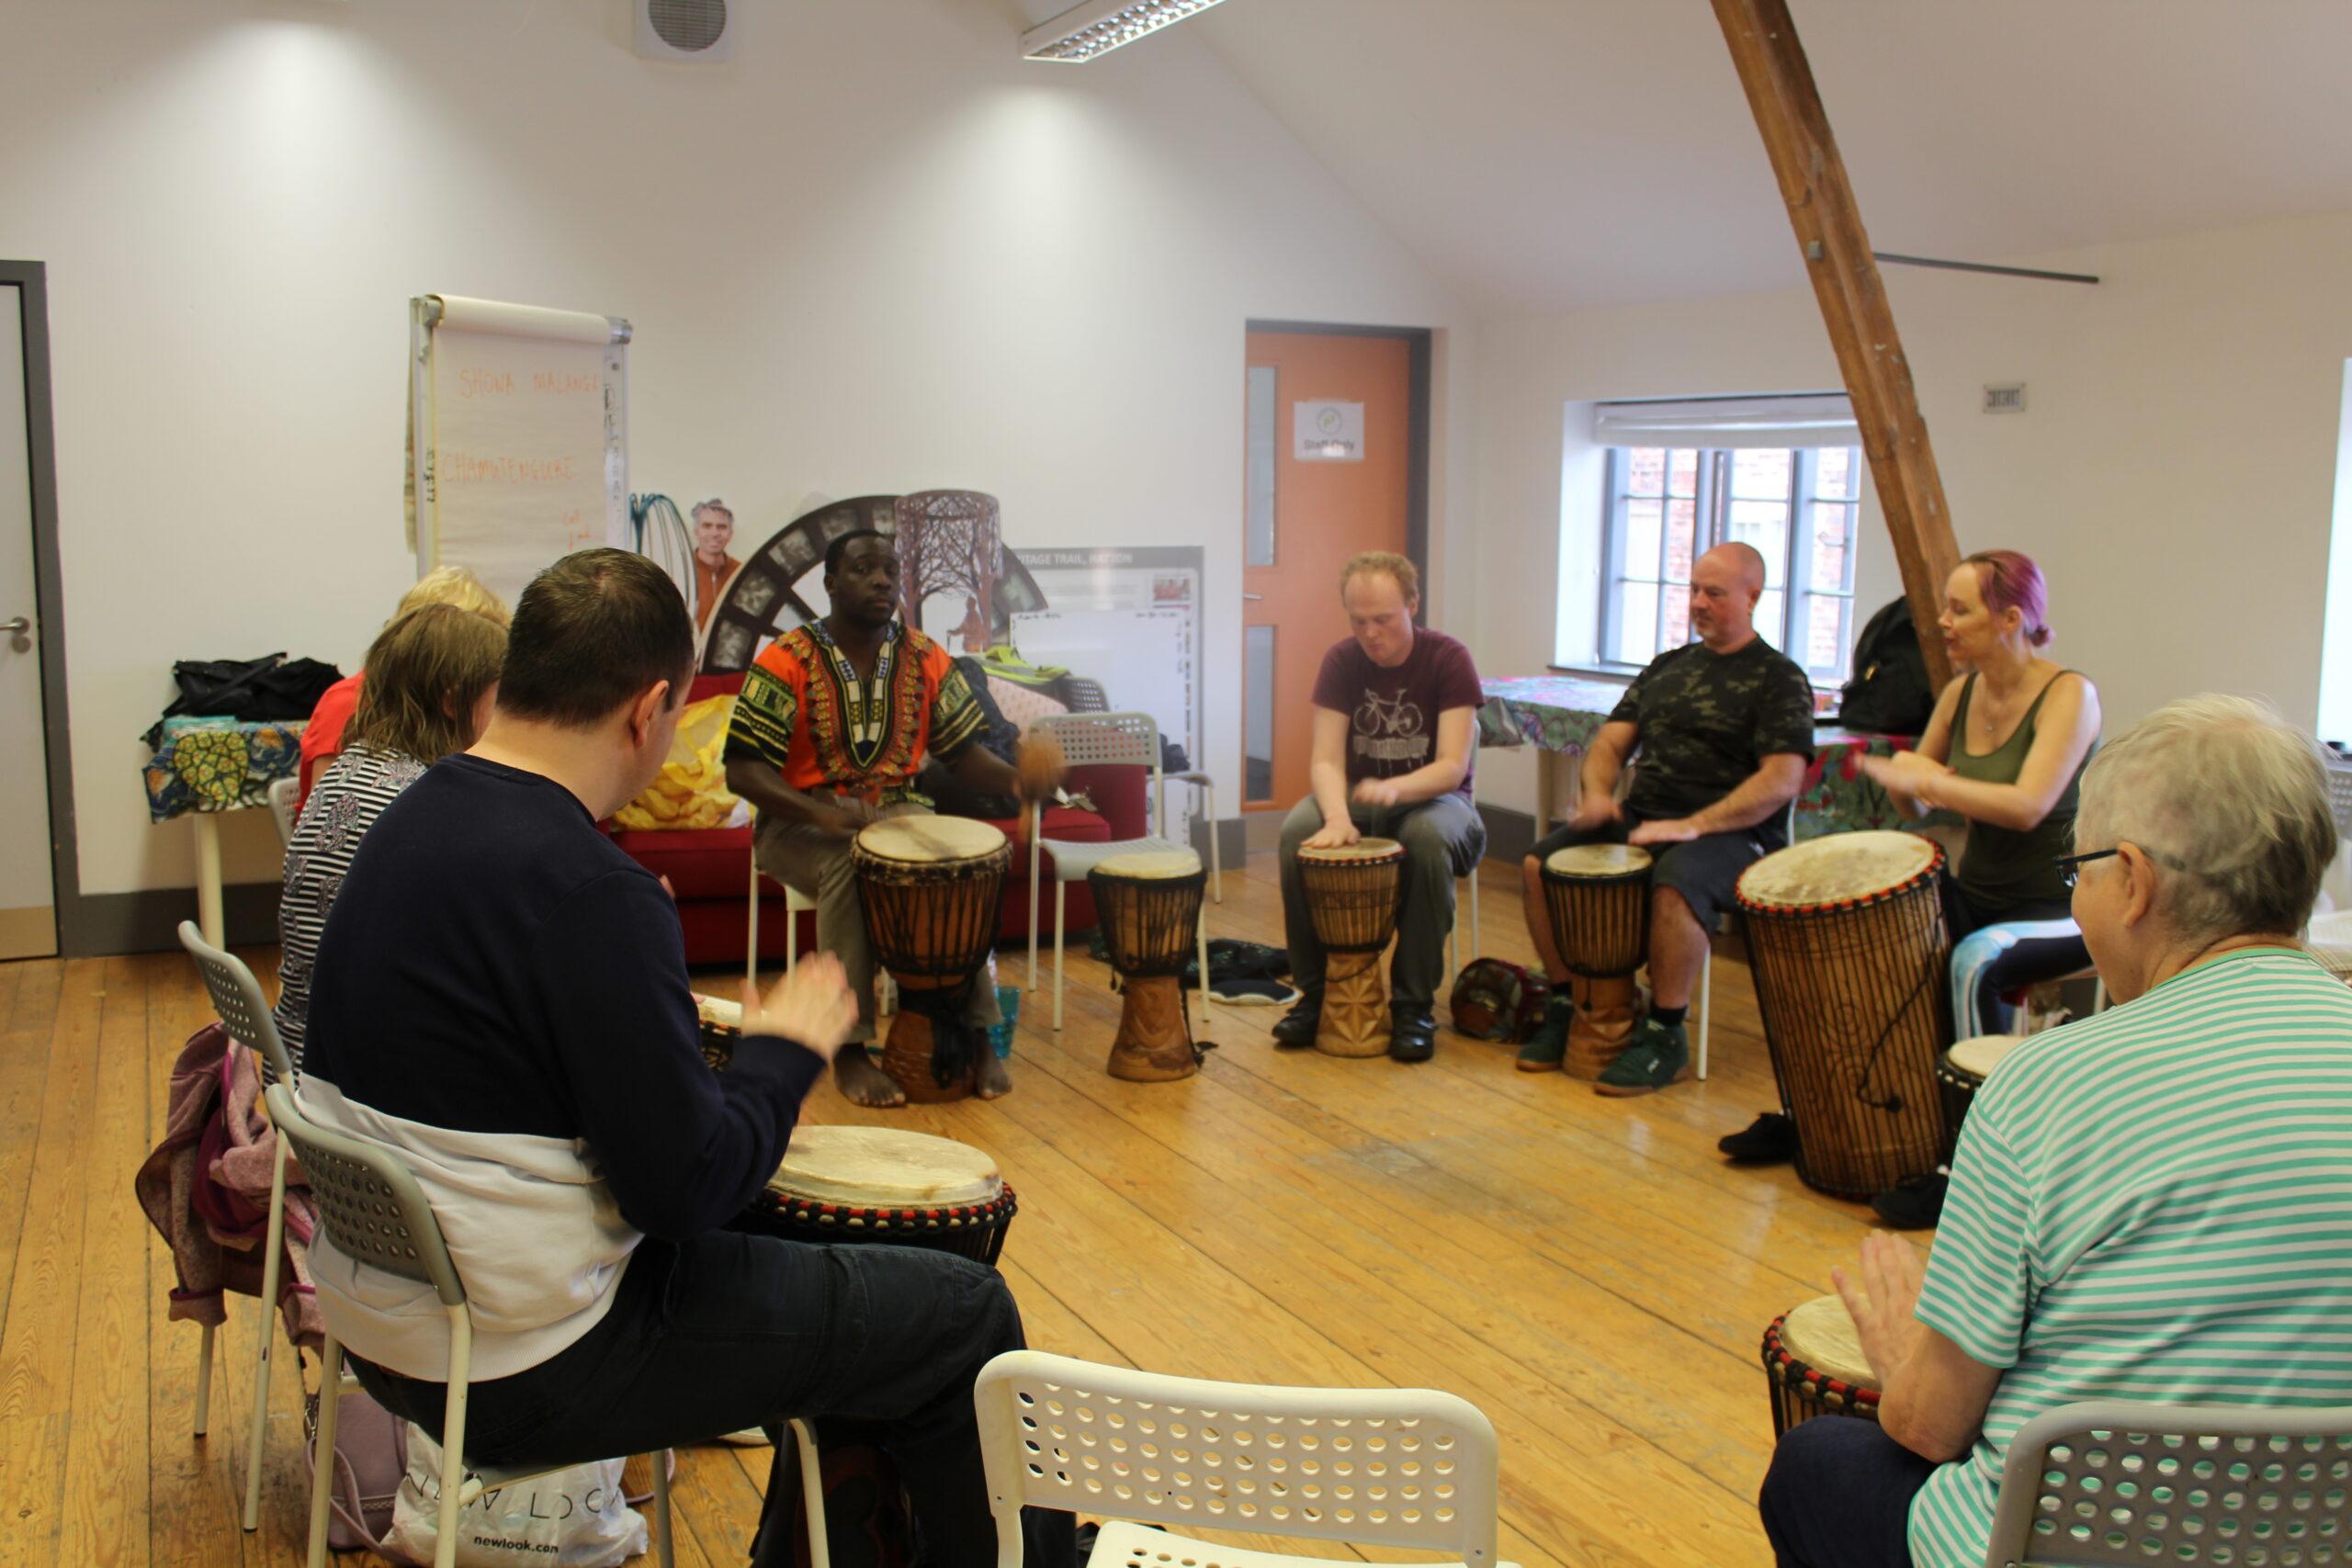 Djembe Drumming workshop with Butshilo Nleya